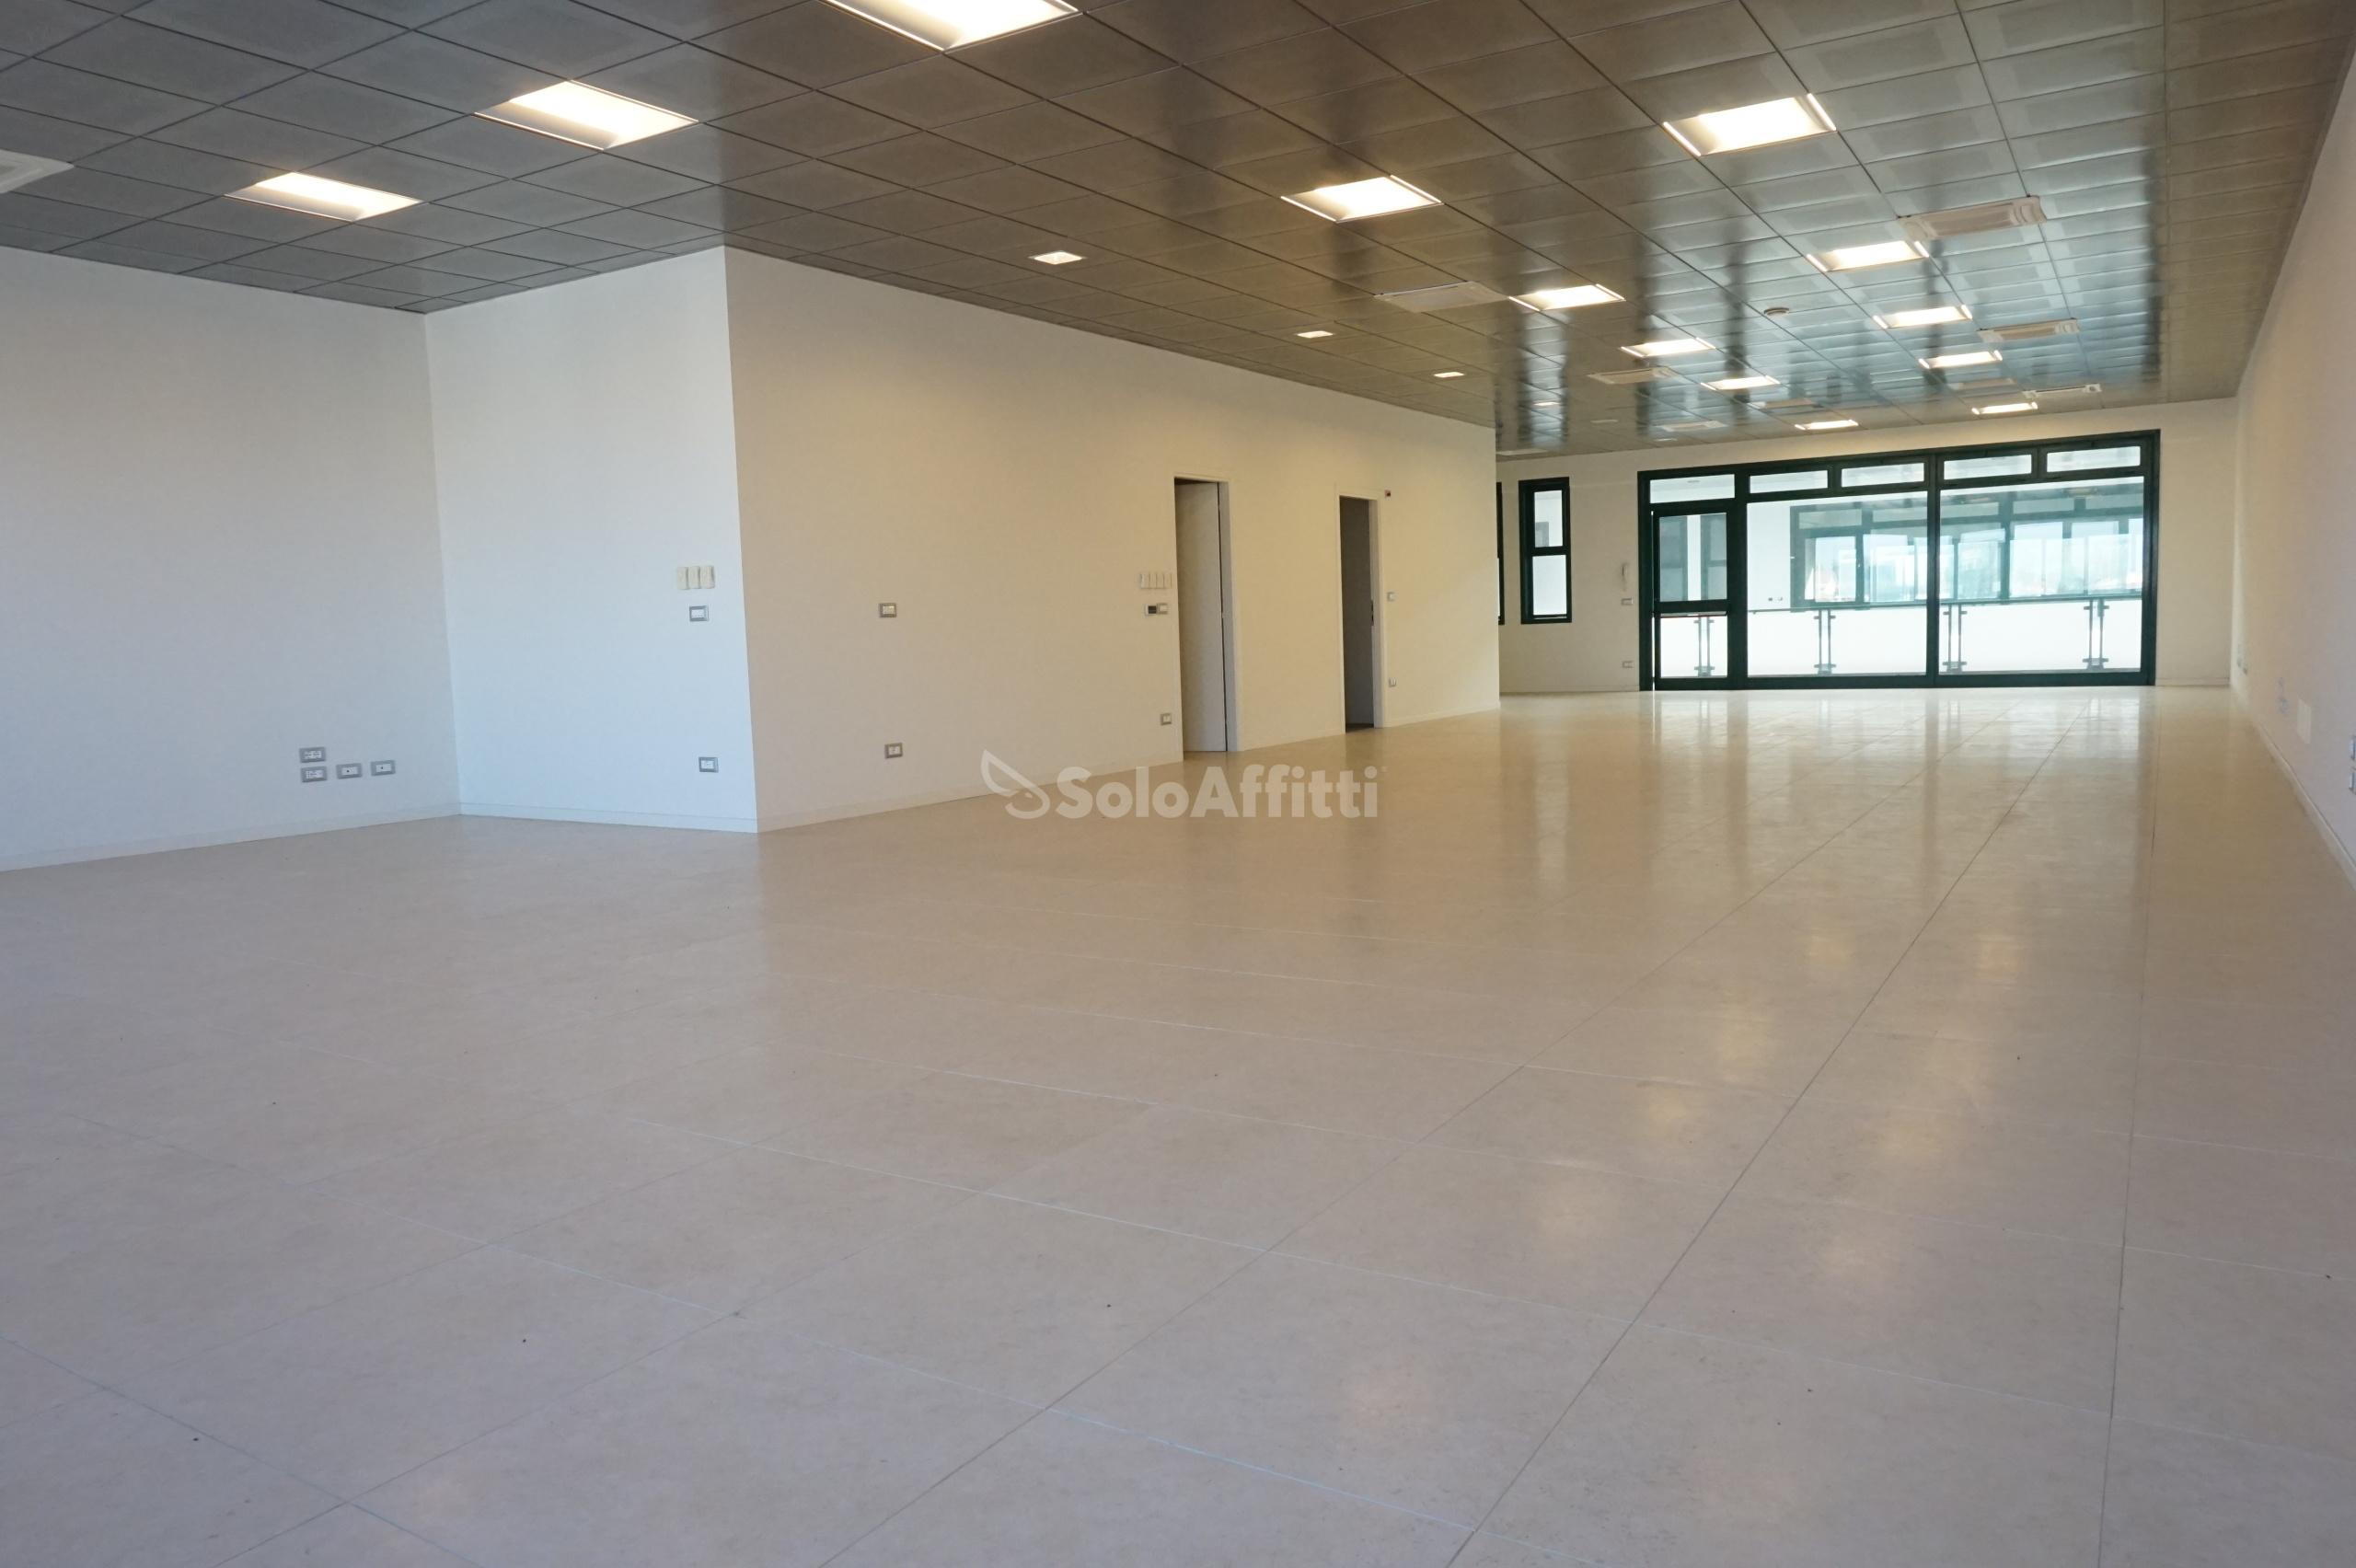 Ufficio Open space 5 vani